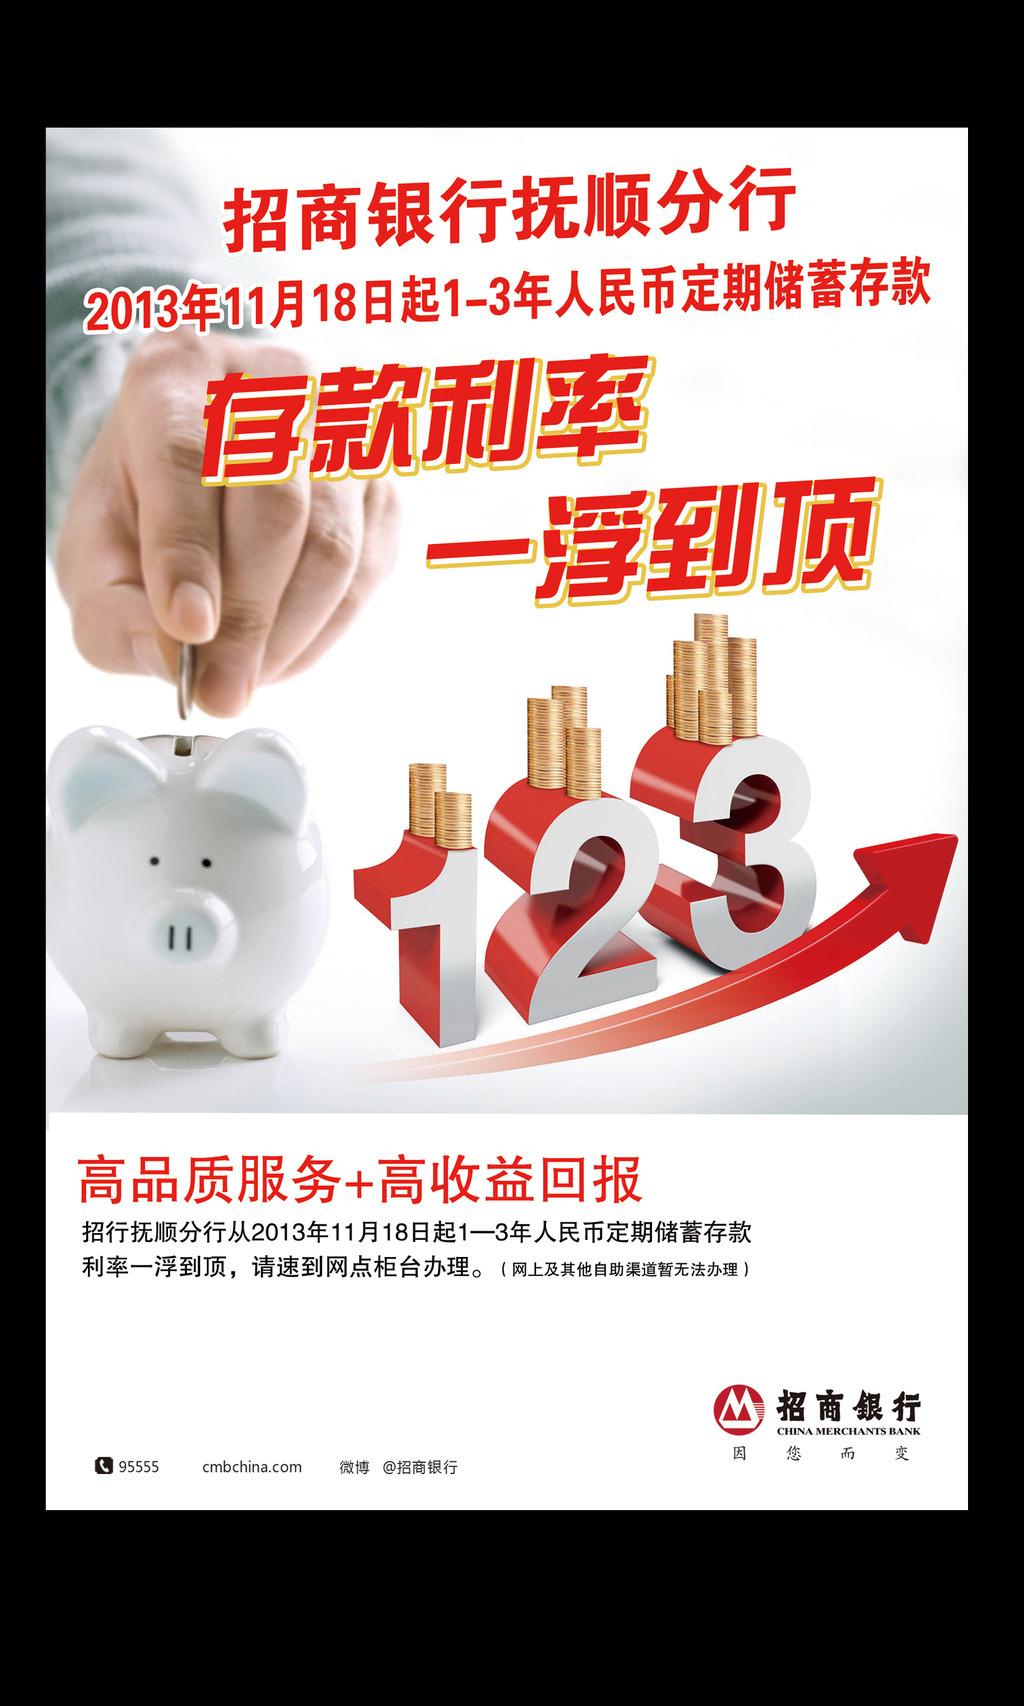 招商银行海报设计